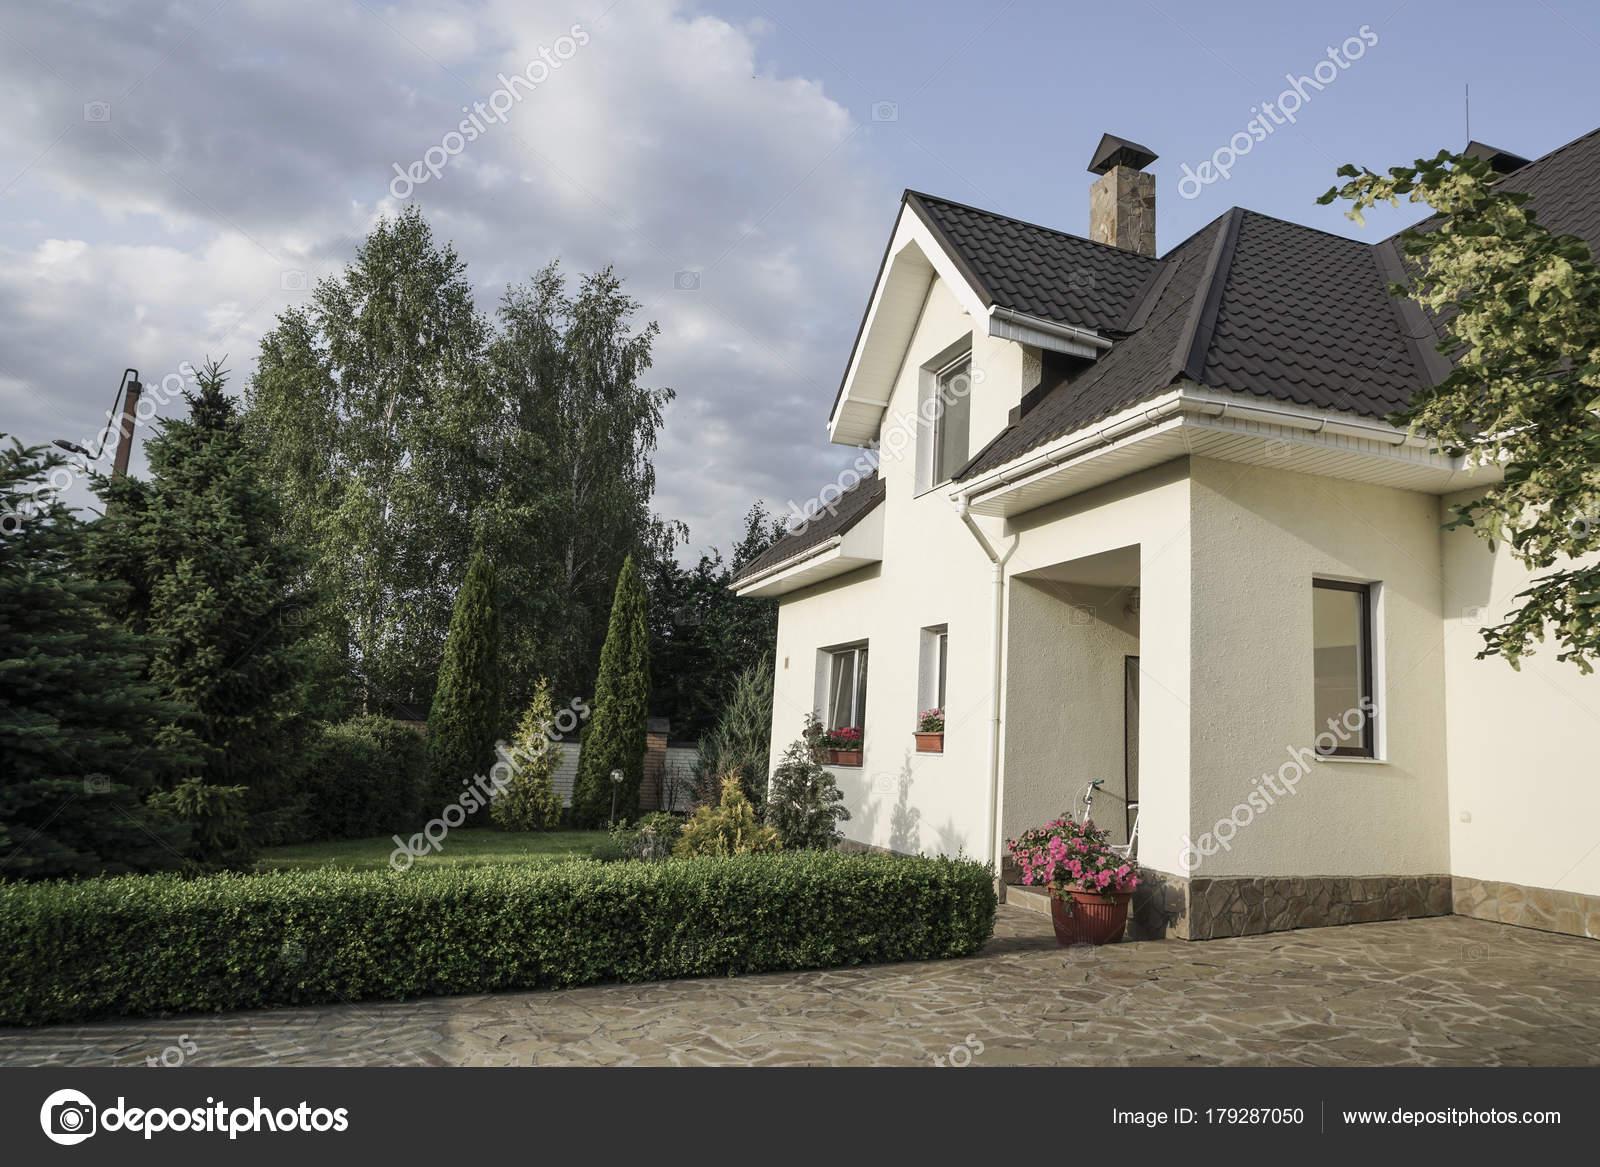 Een Nieuw Huis : Een nieuw huis met een tuin een landelijk gebied onder u2014 stockfoto